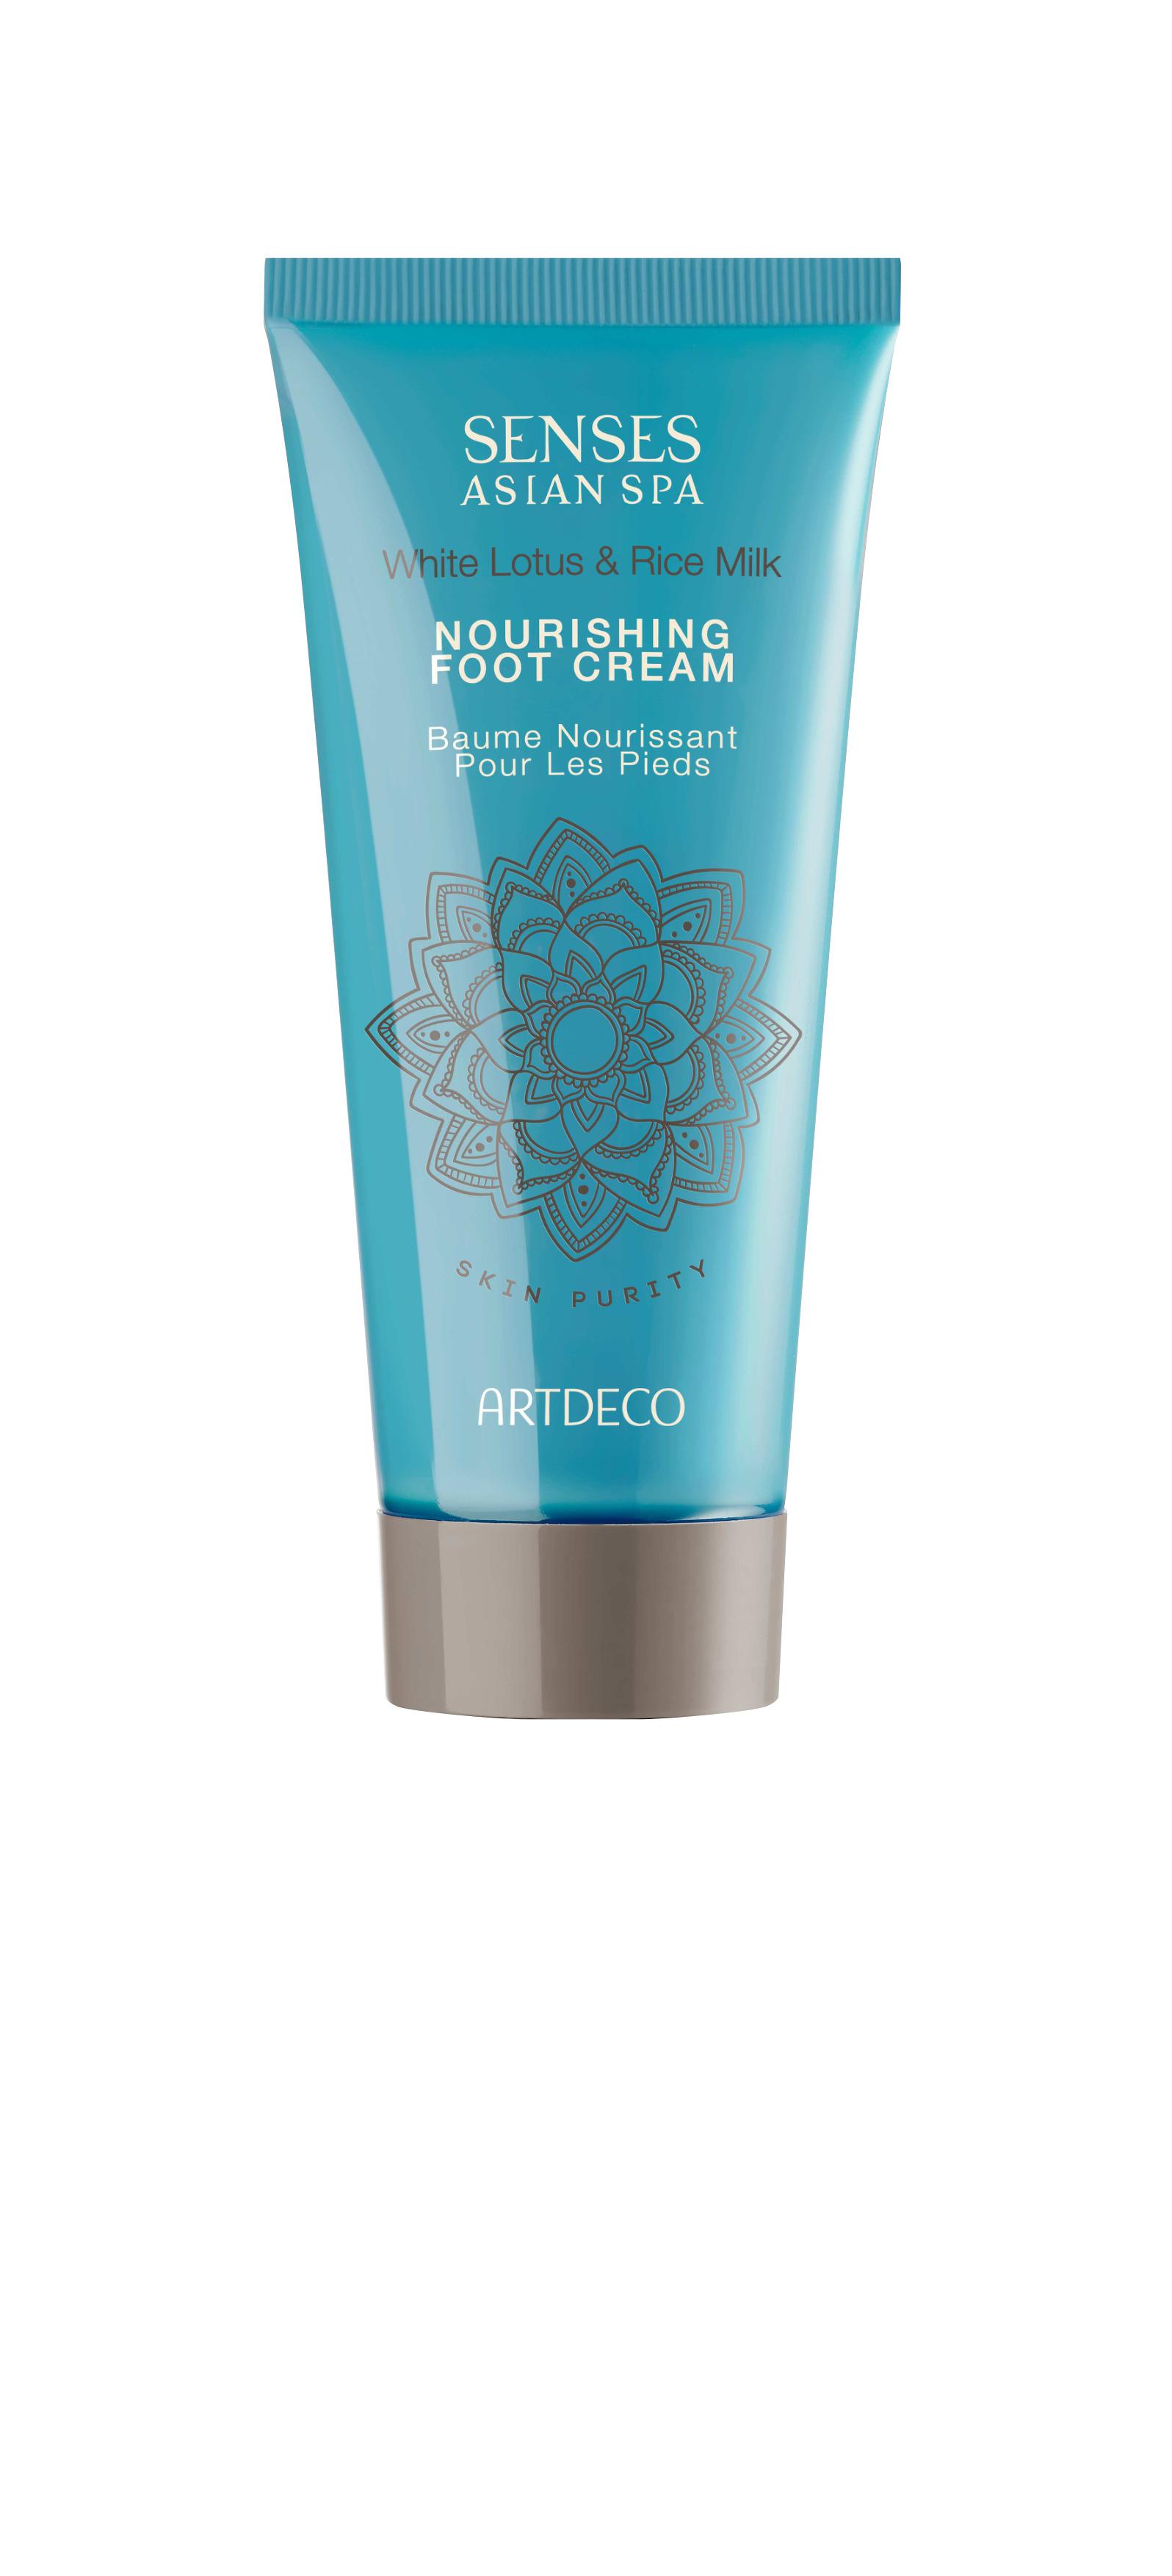 Artdeco крем для ног питательный Nourishing foot cream, skin purity, 100 мл65431Интенсивно смягчает и питает Помогает снять усталостьДарит освежающий эффект